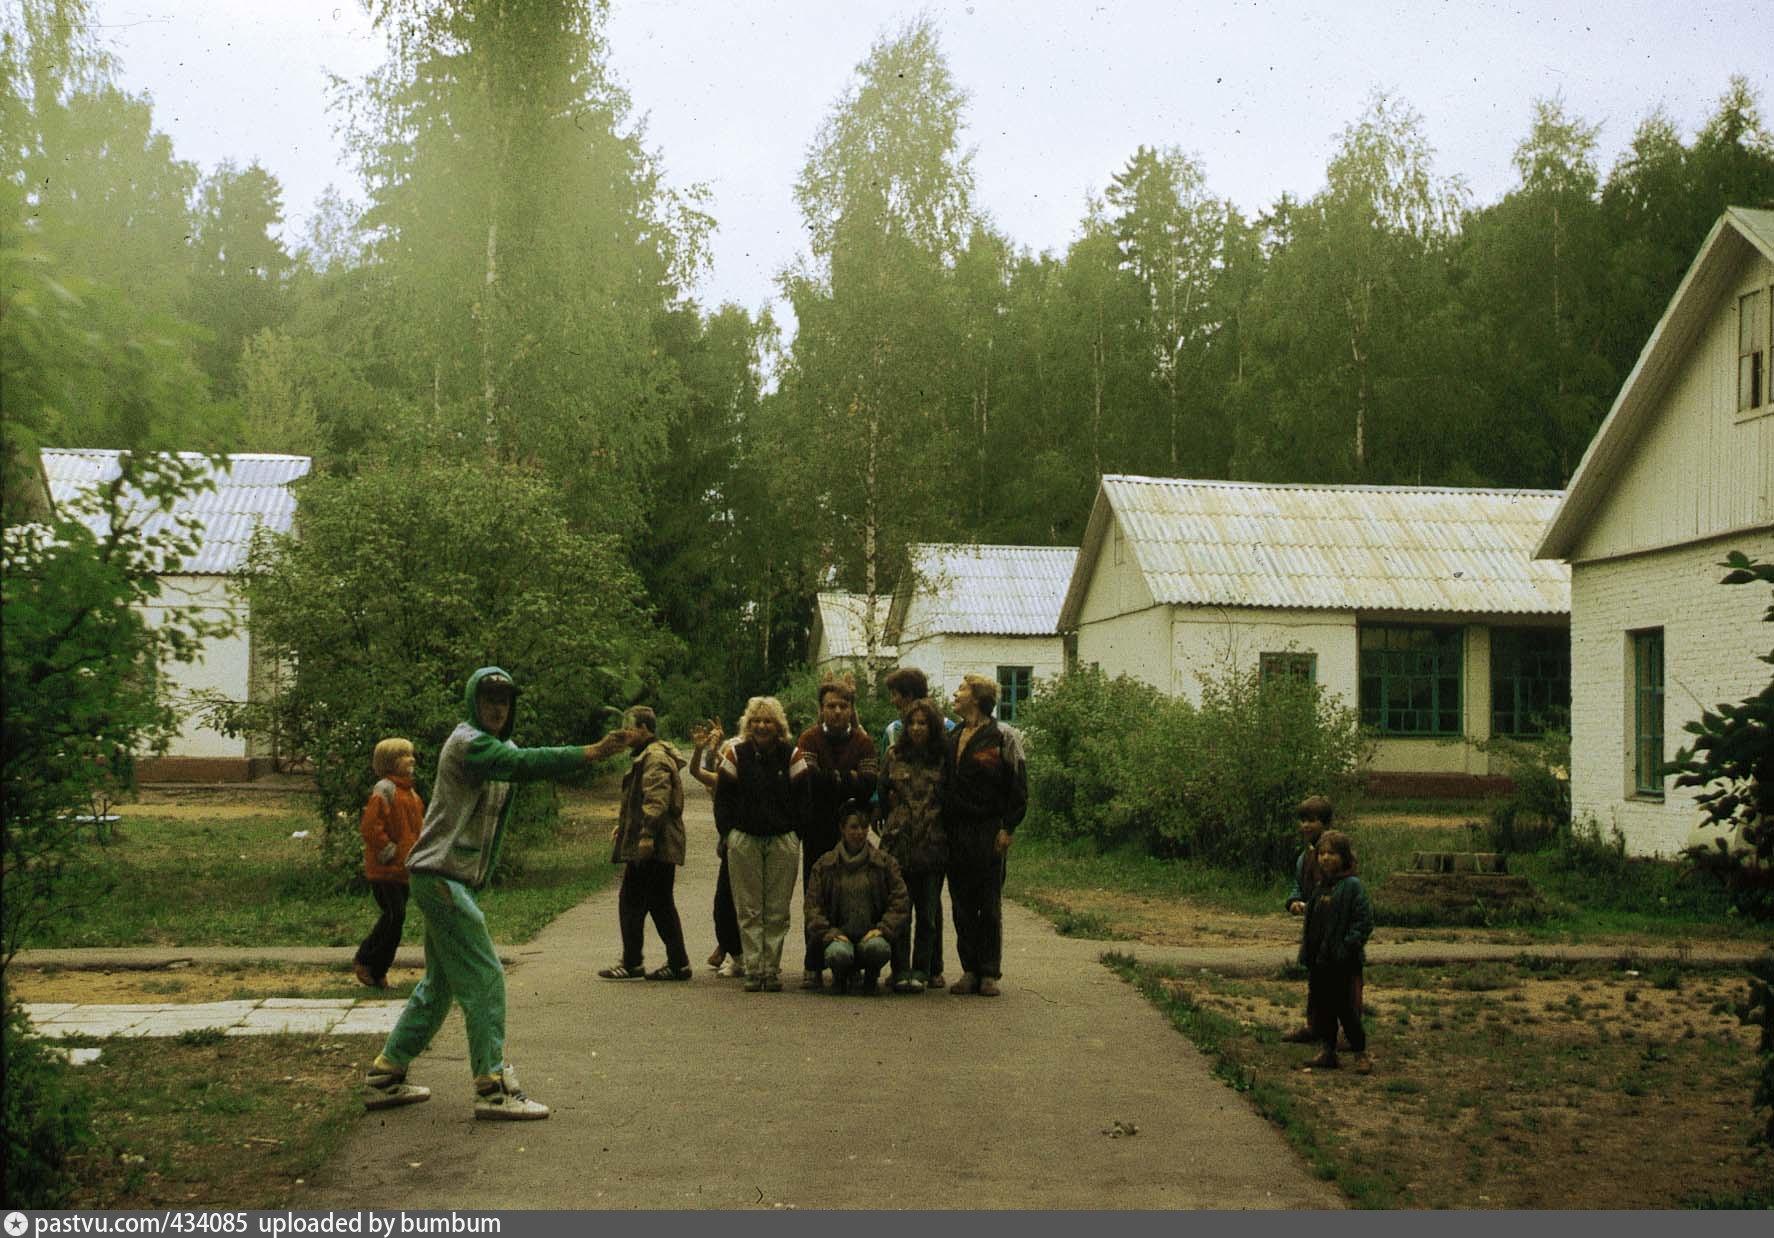 Розги в пионерском лагере 20 фотография